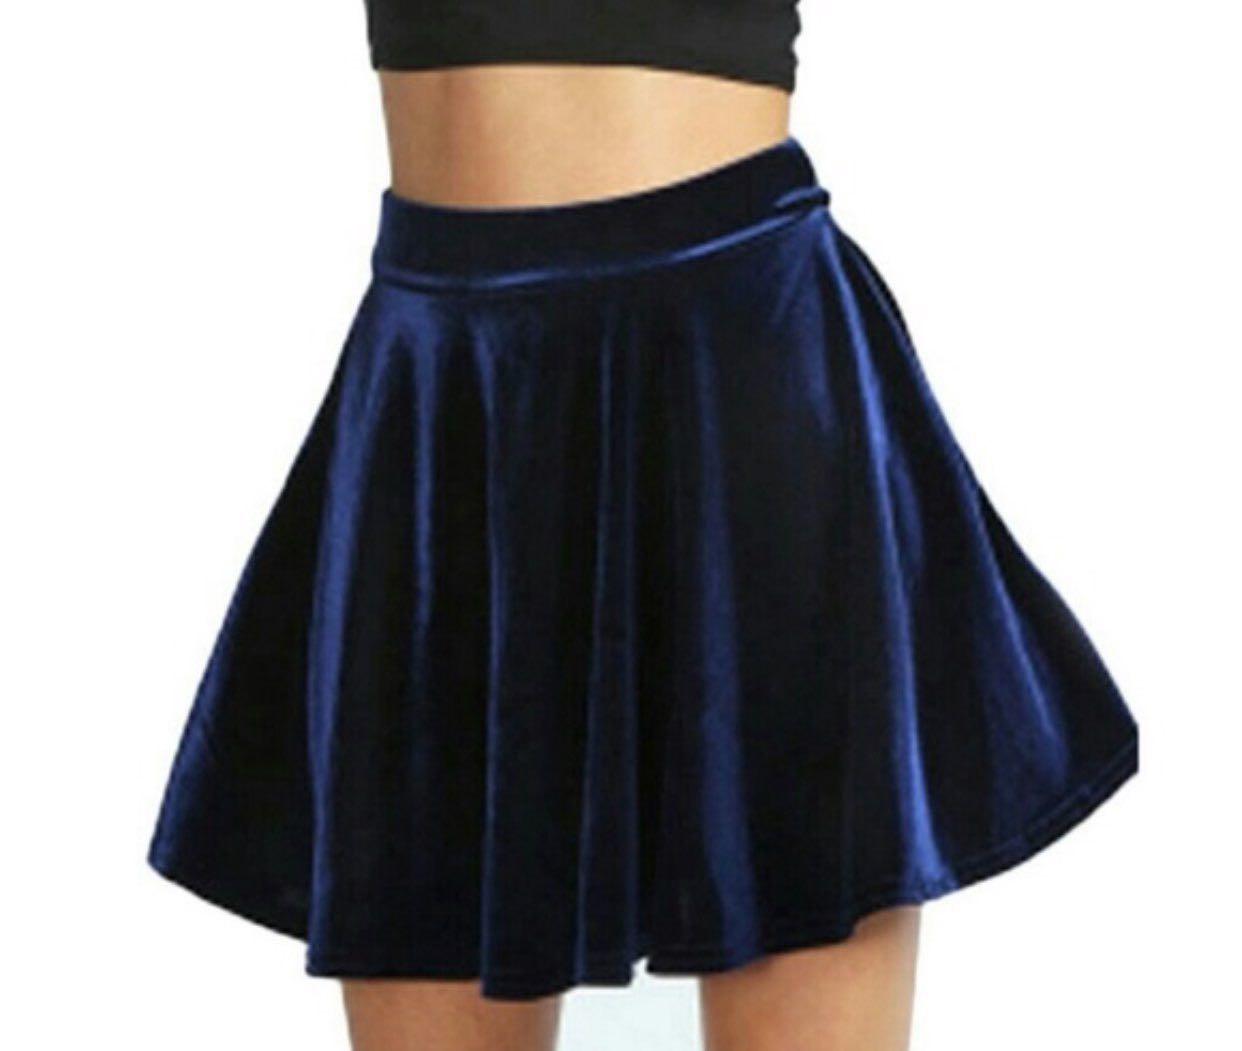 Navy Blue Velvet Skirt Women S Fashion Clothes Dresses Skirts On Carousell